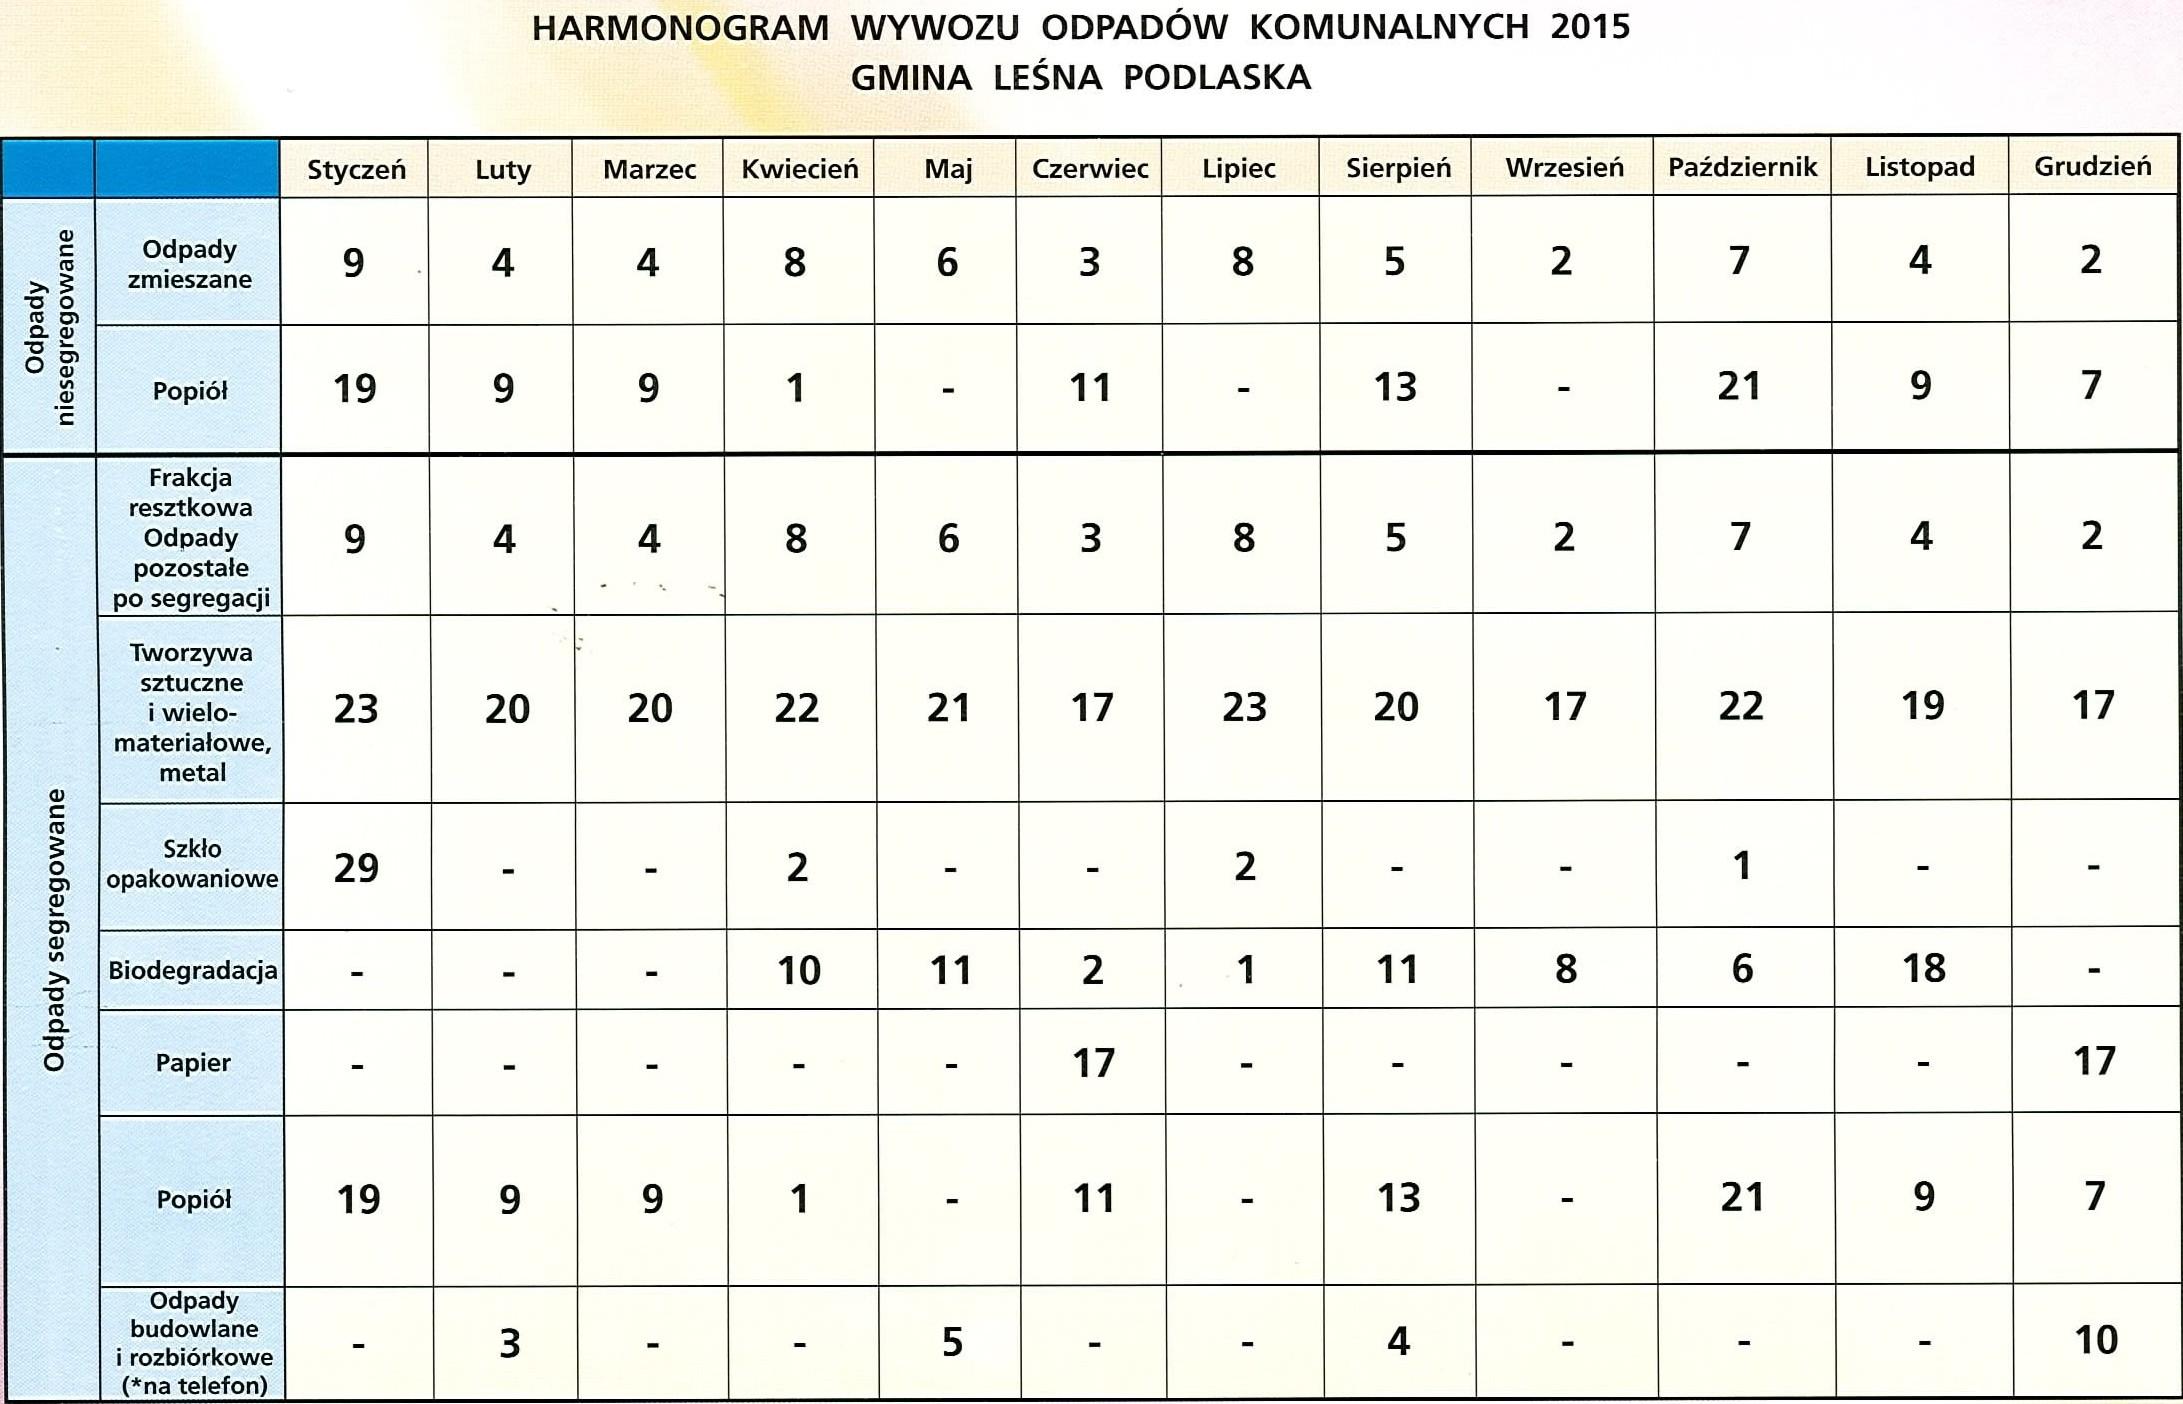 - 2015_harmonogram_odpadow_2.jpg